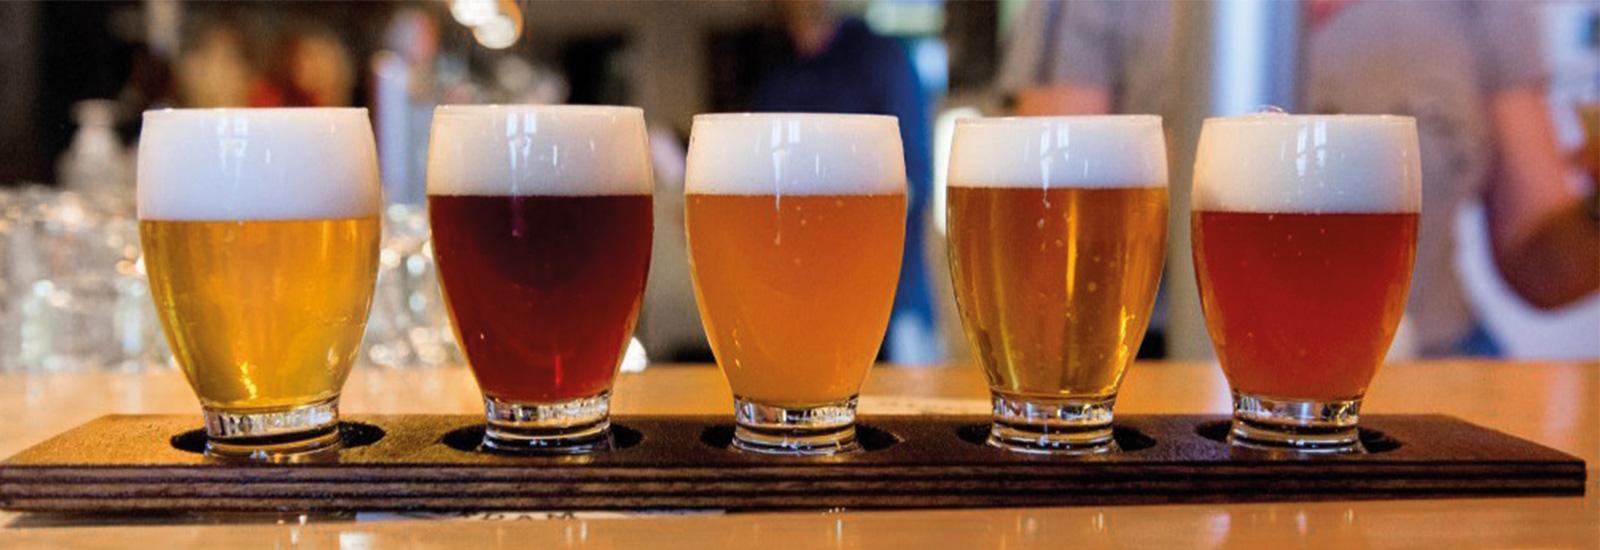 Geniet & Geef bier dit jaar van Brouwerij 't IJ uit Amsterdam